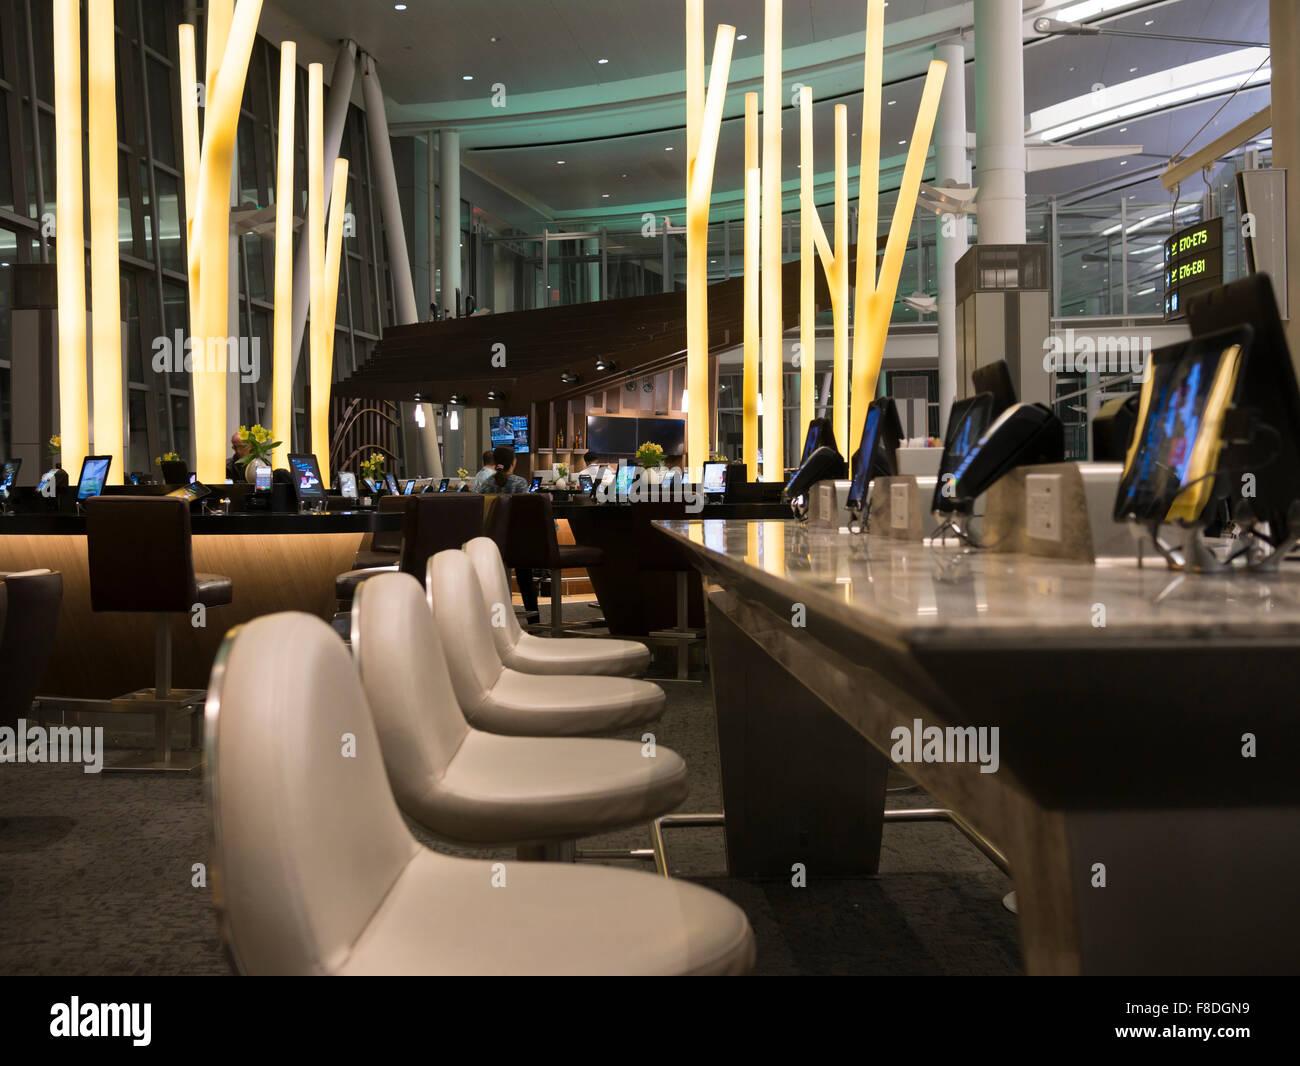 Terminal 1 del aeropuerto internacional de Toronto salida food court lounge, moderno y mesas de comedor conectado Imagen De Stock